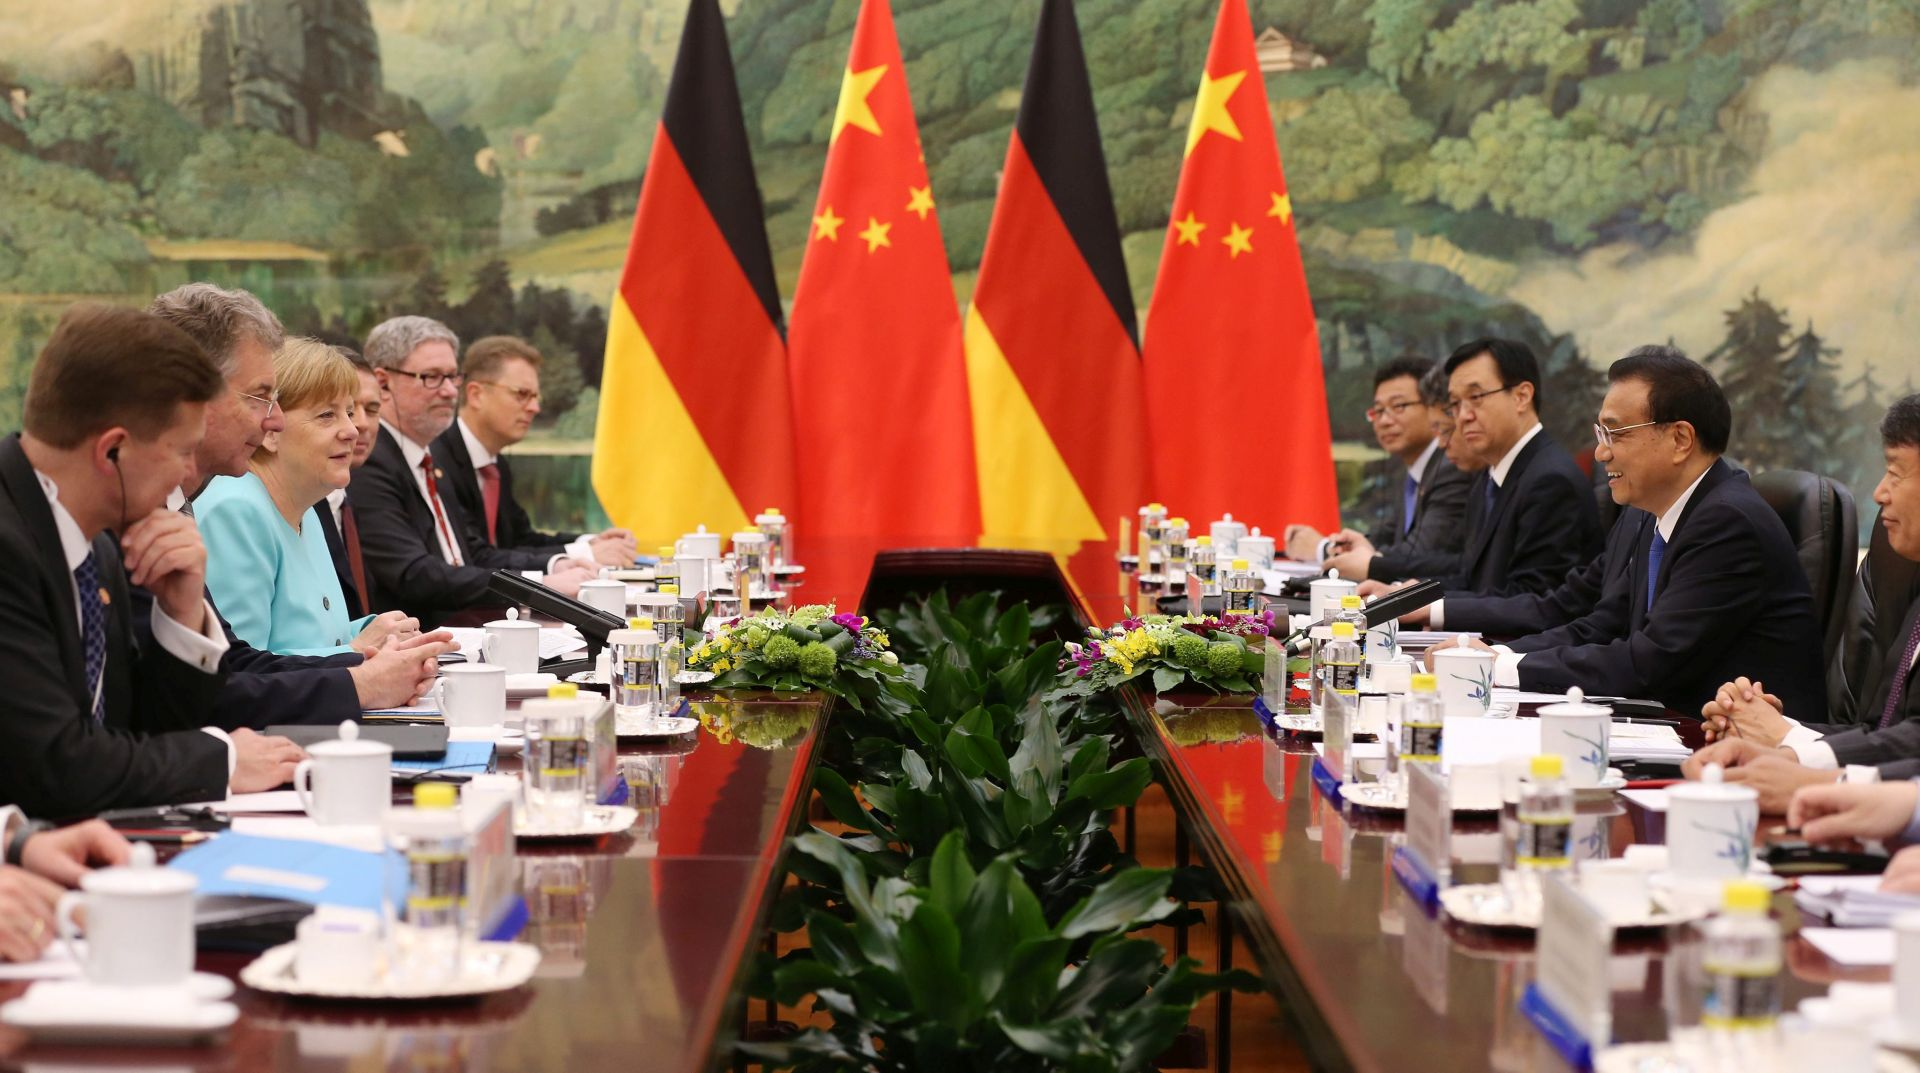 POSJET PEKINGU: Merkel i Xi razgovarali o gospodarskim odnosima